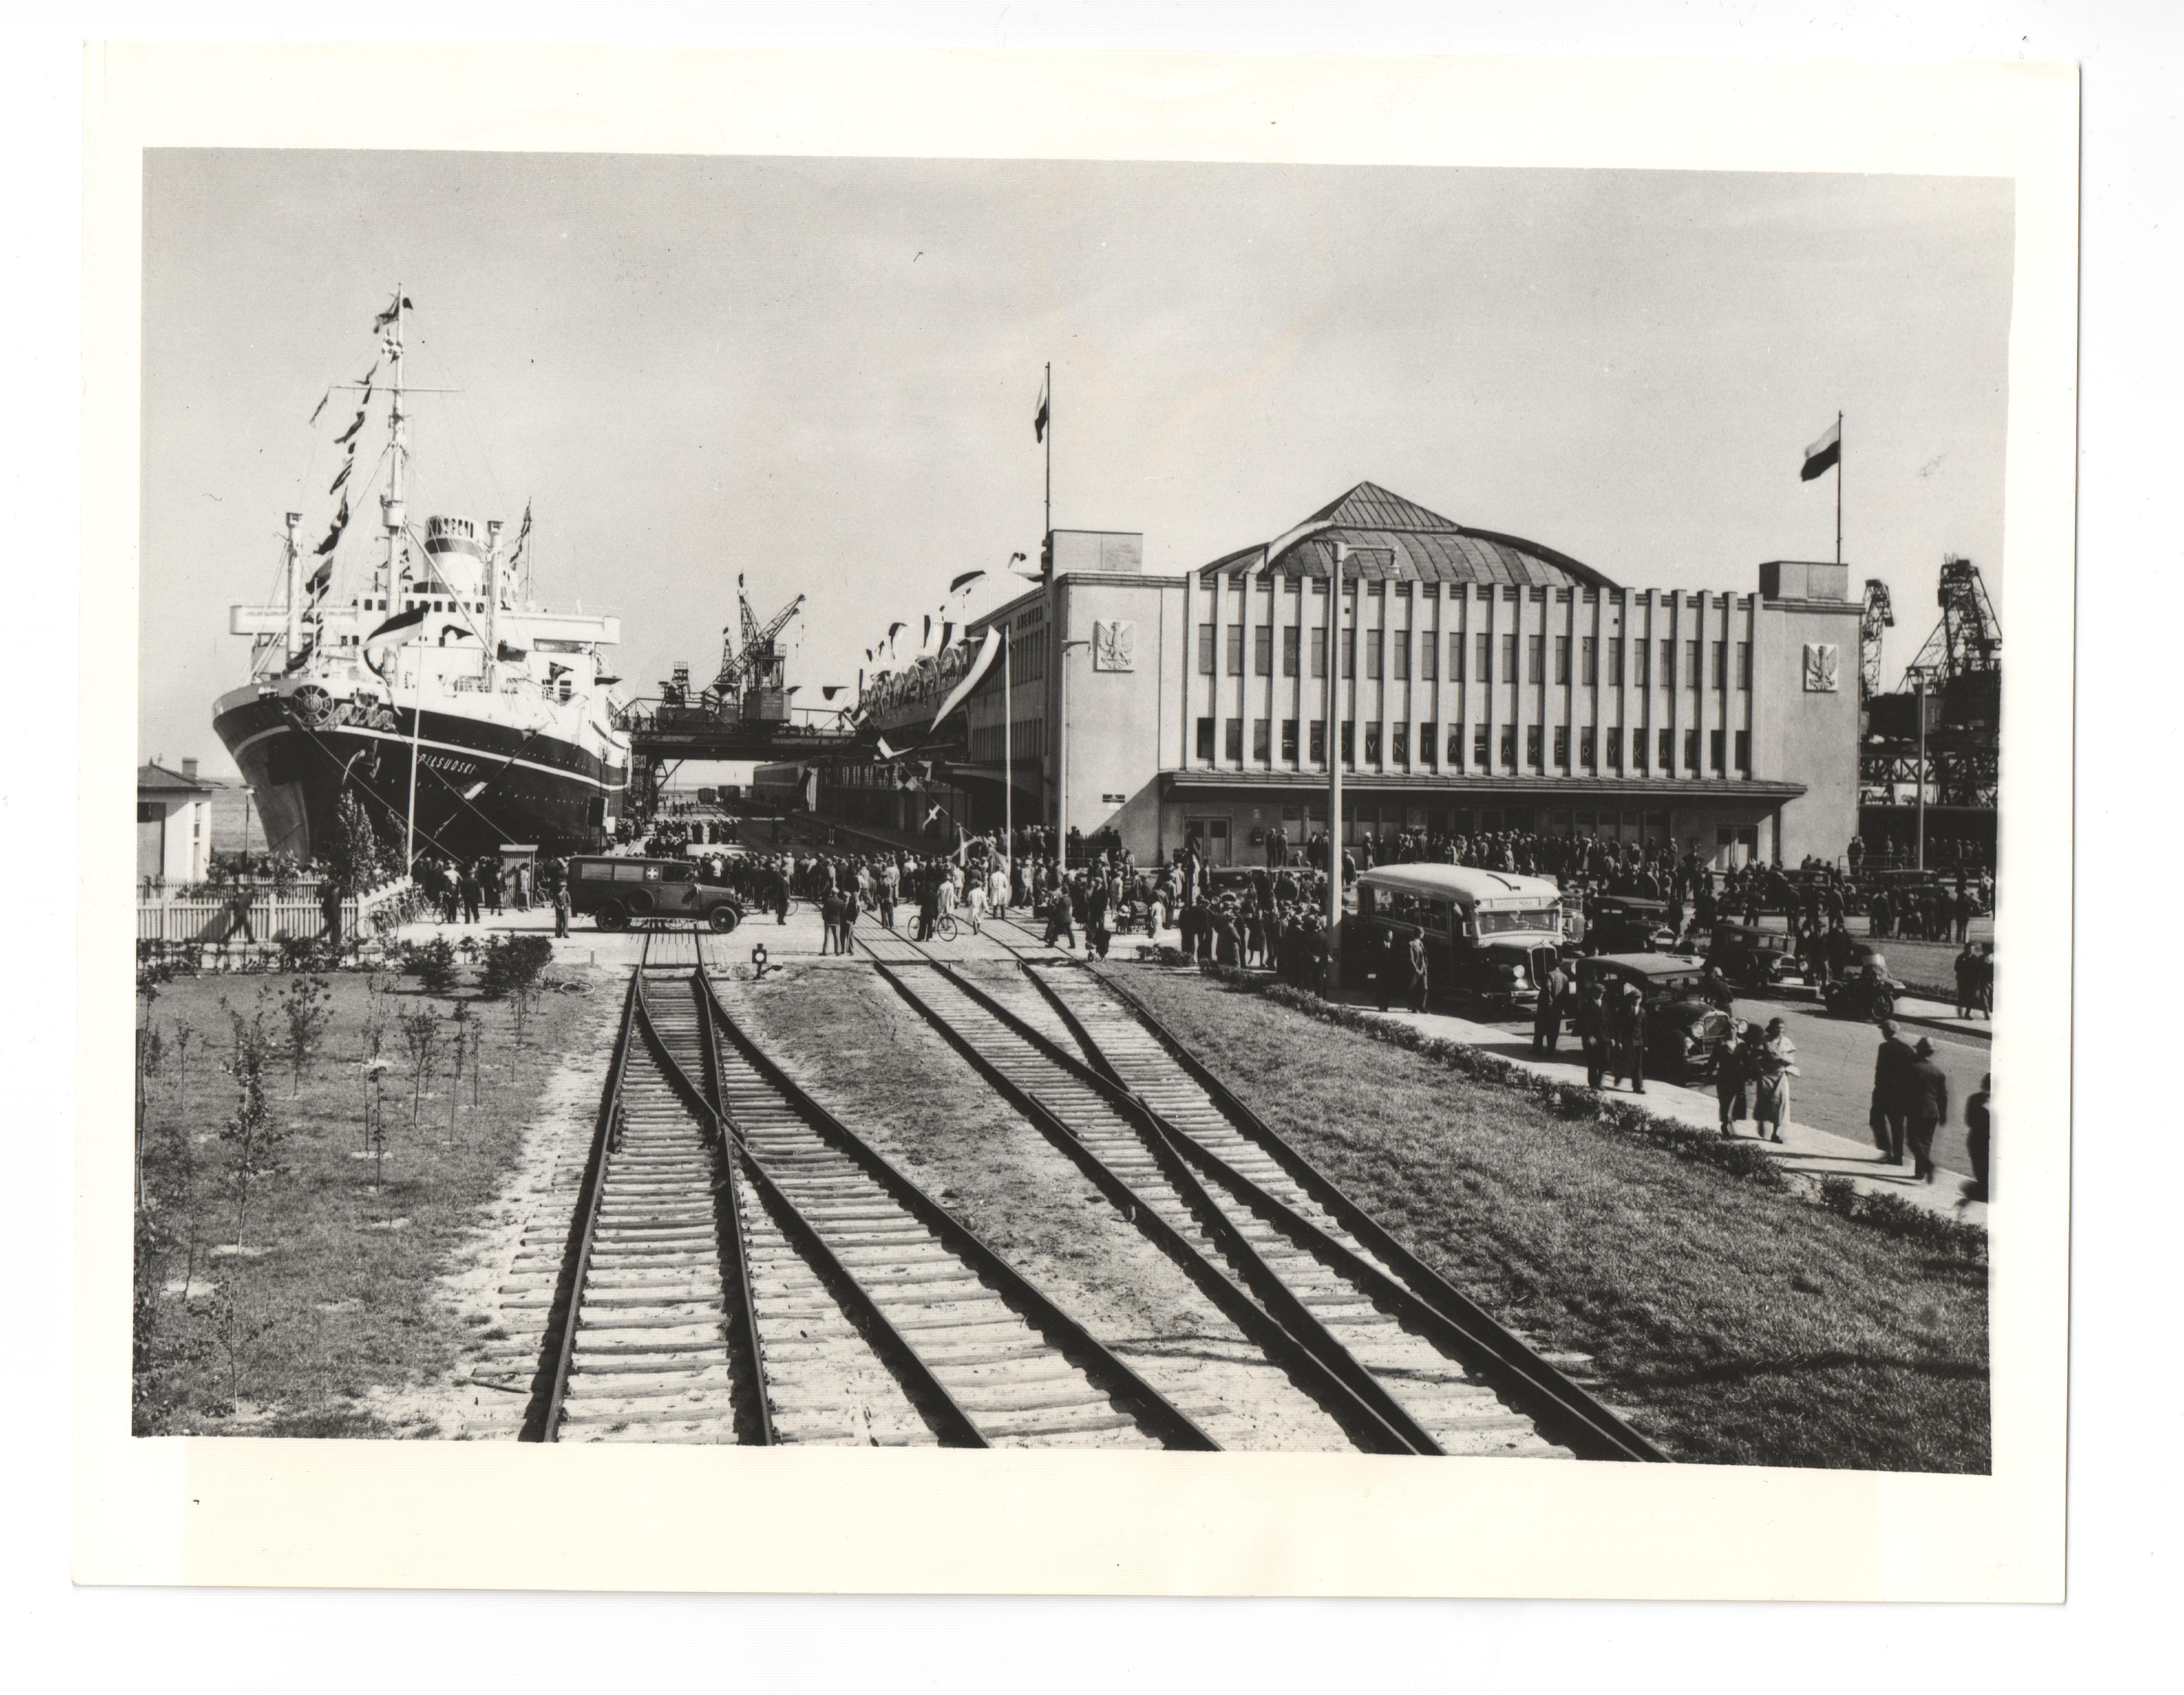 czarno-białe zdjęcie z portu